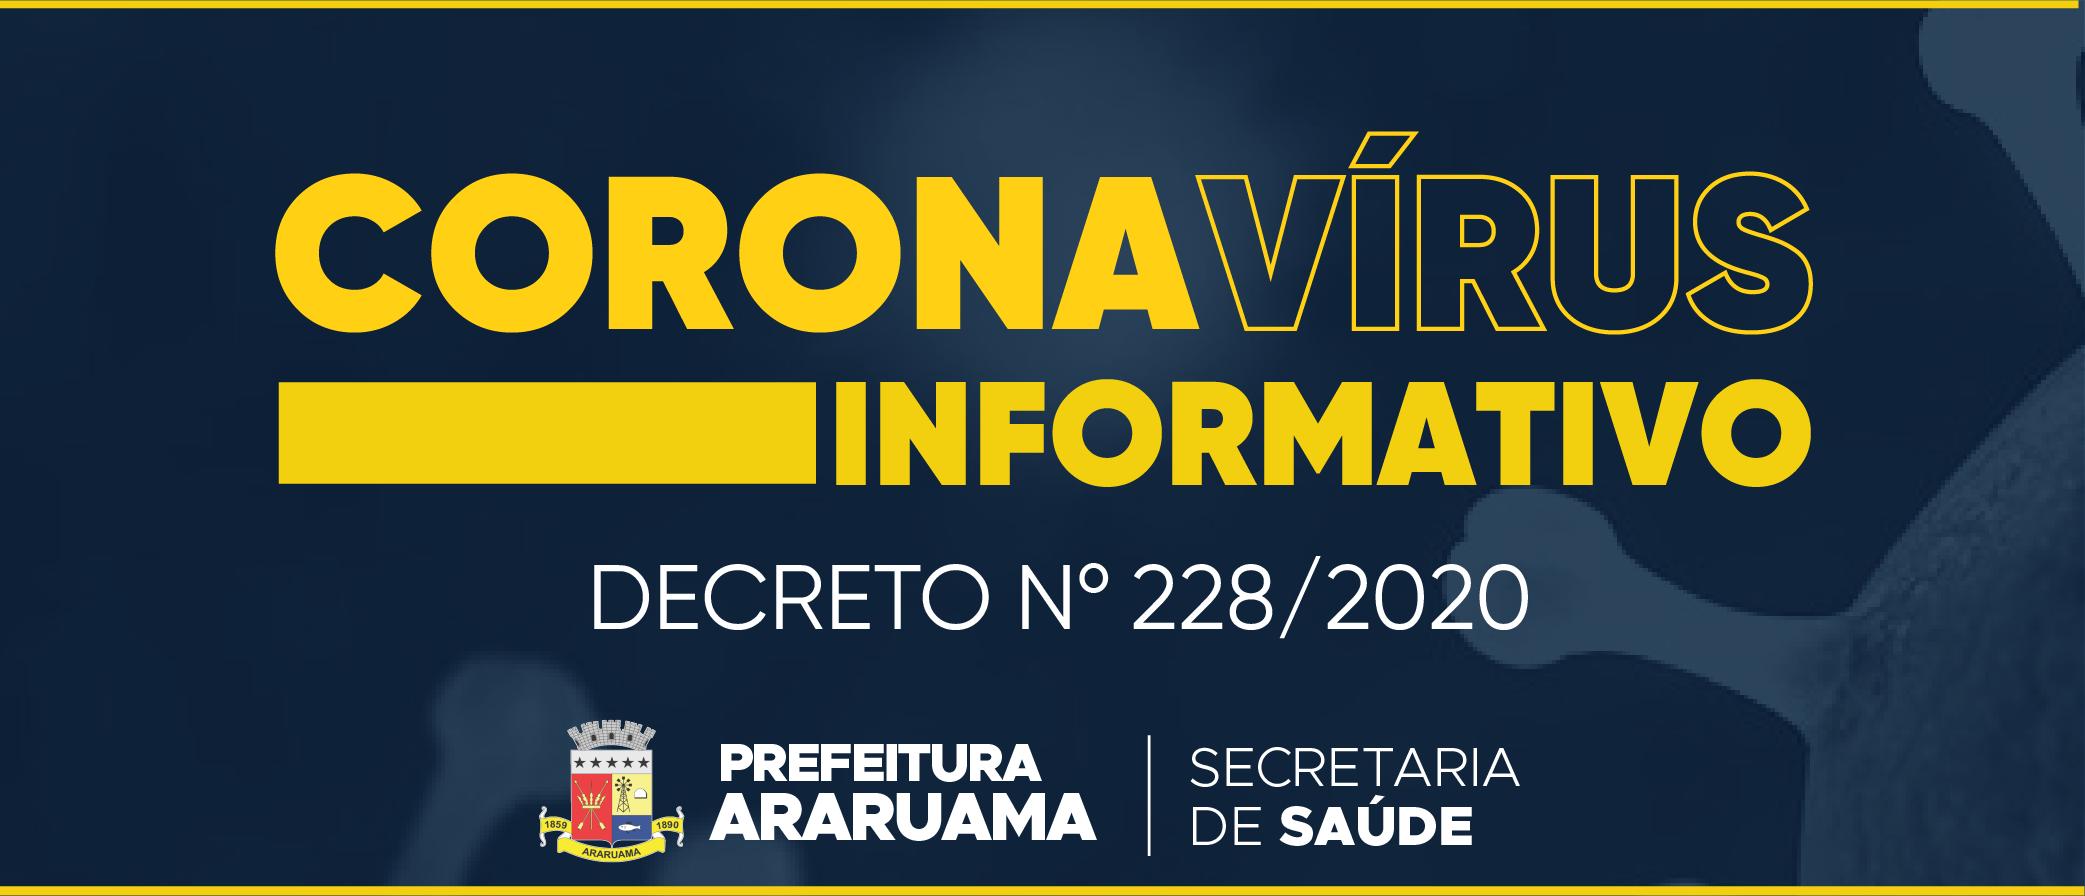 Prefeitura de Araruama publica decreto sobre restrições ao Réveillon 2021